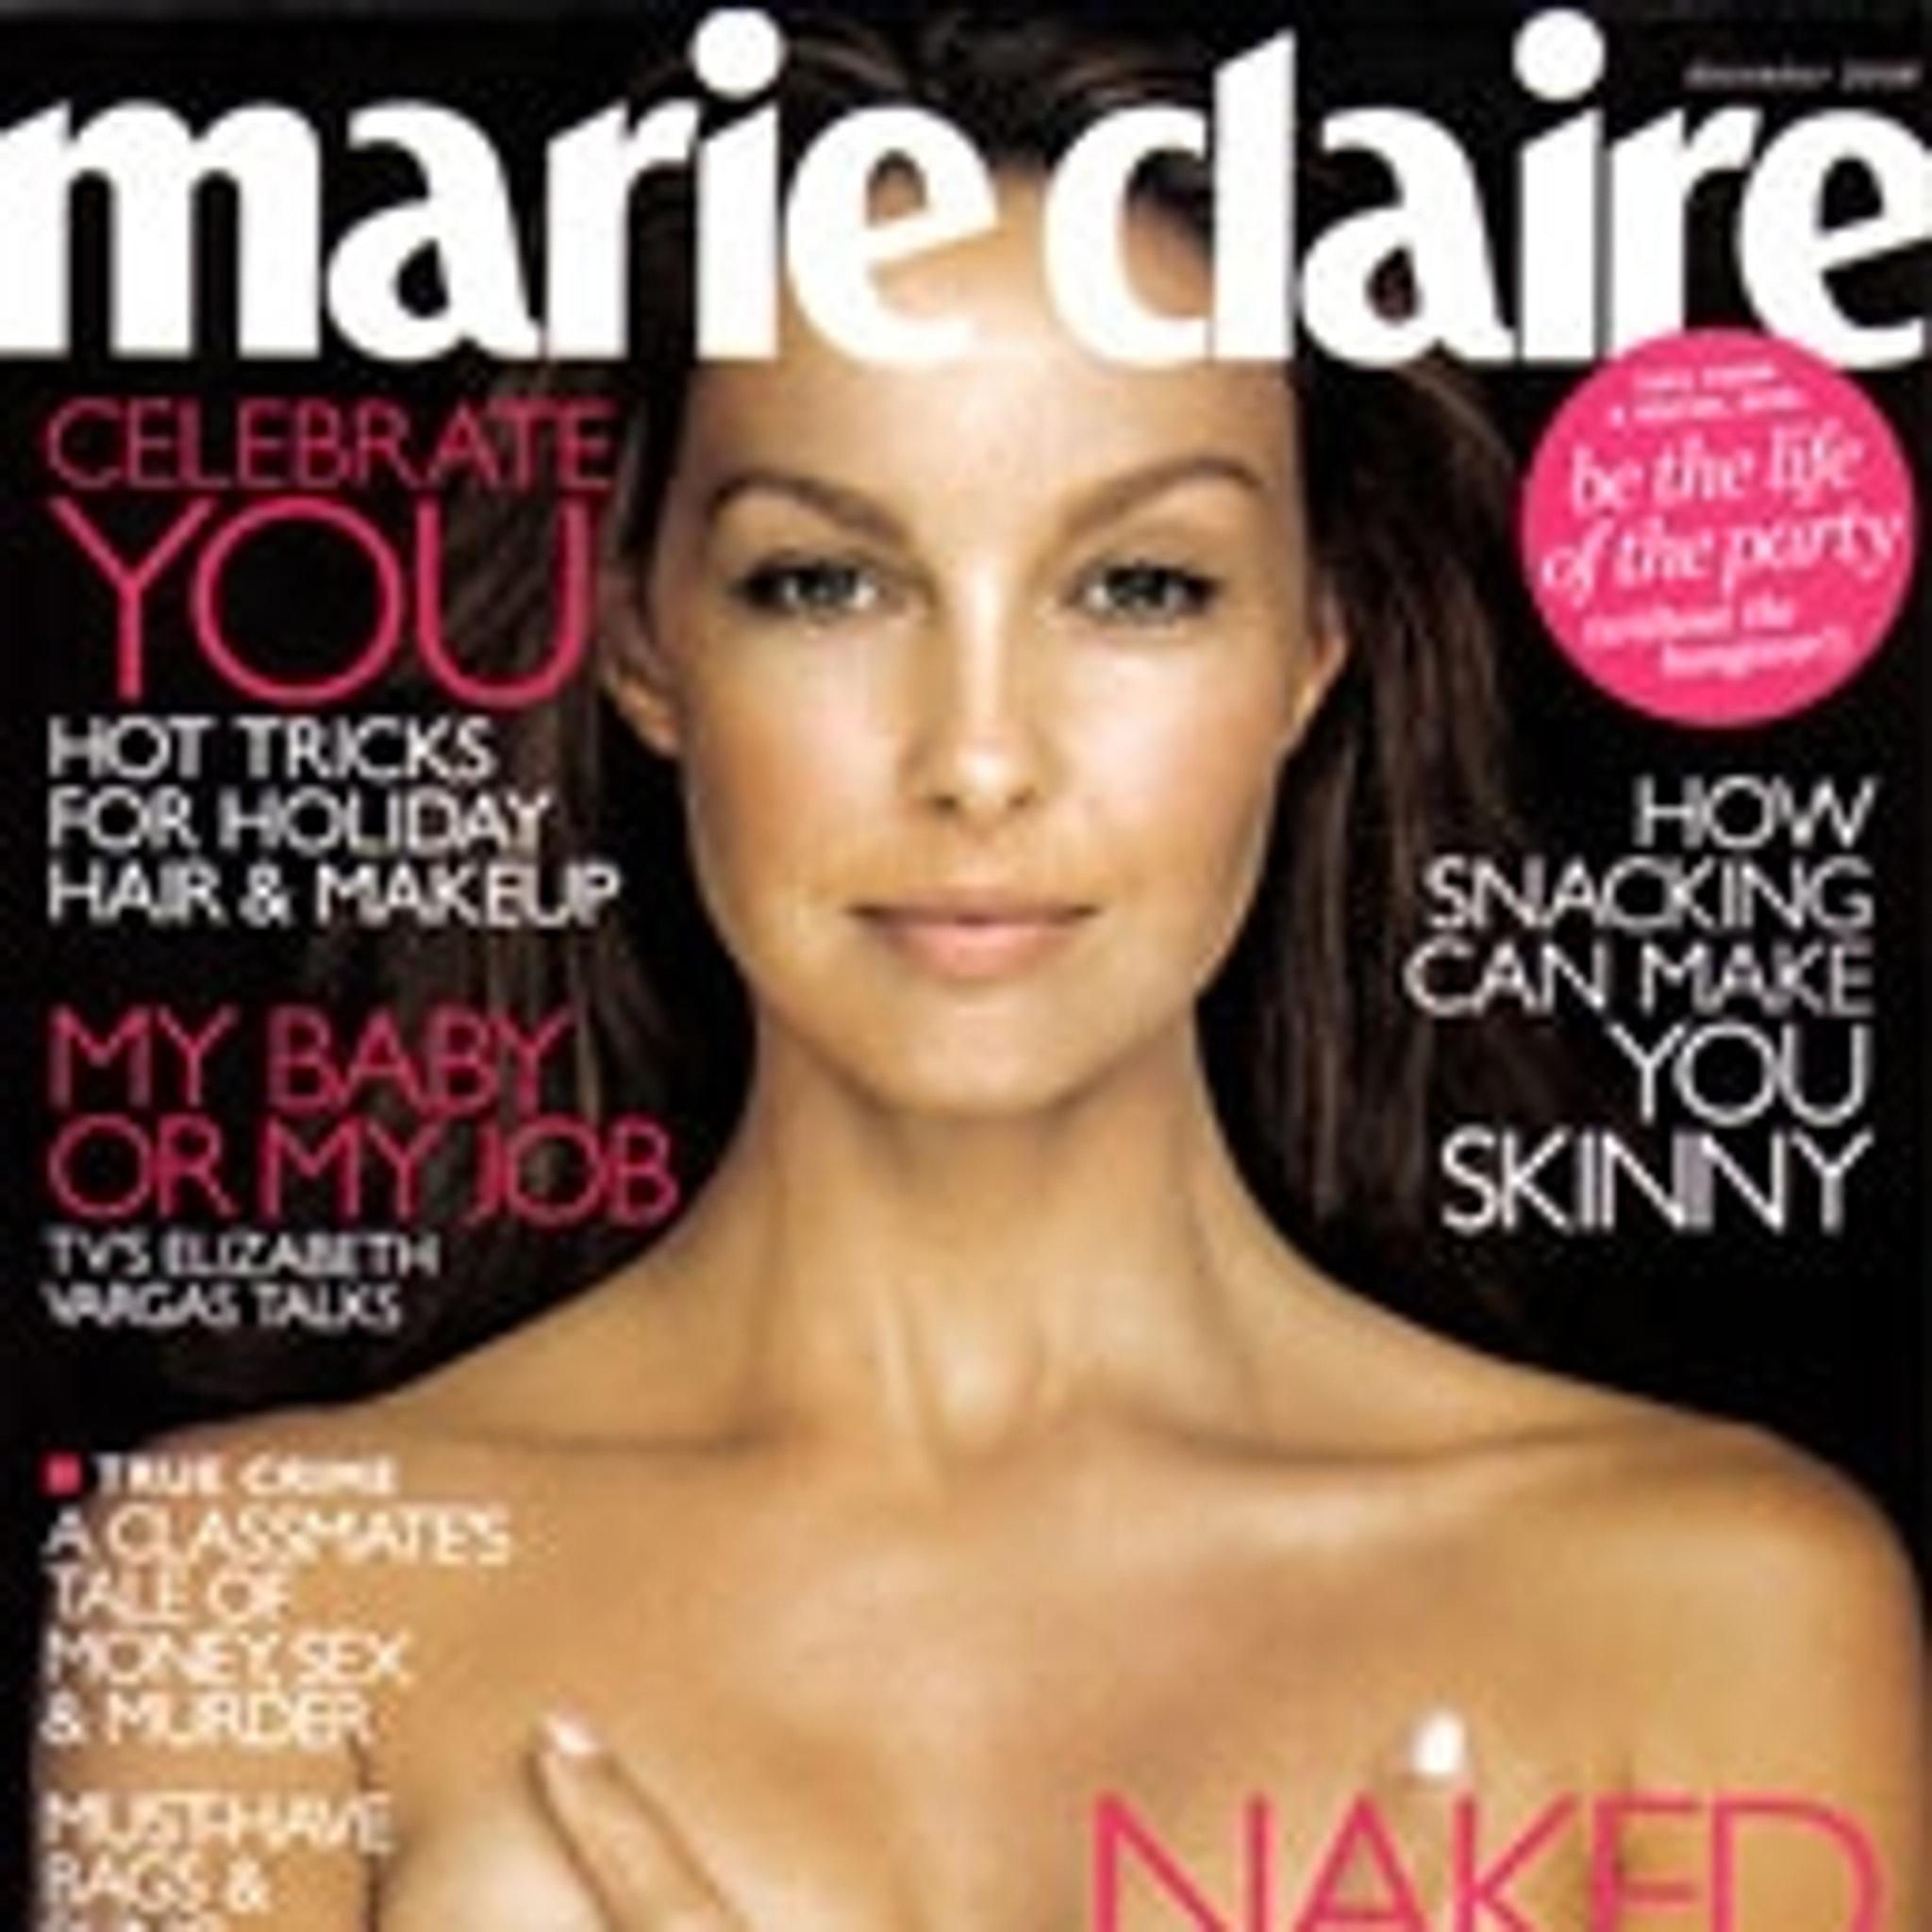 Ashley Judd: Naked Hypocrite